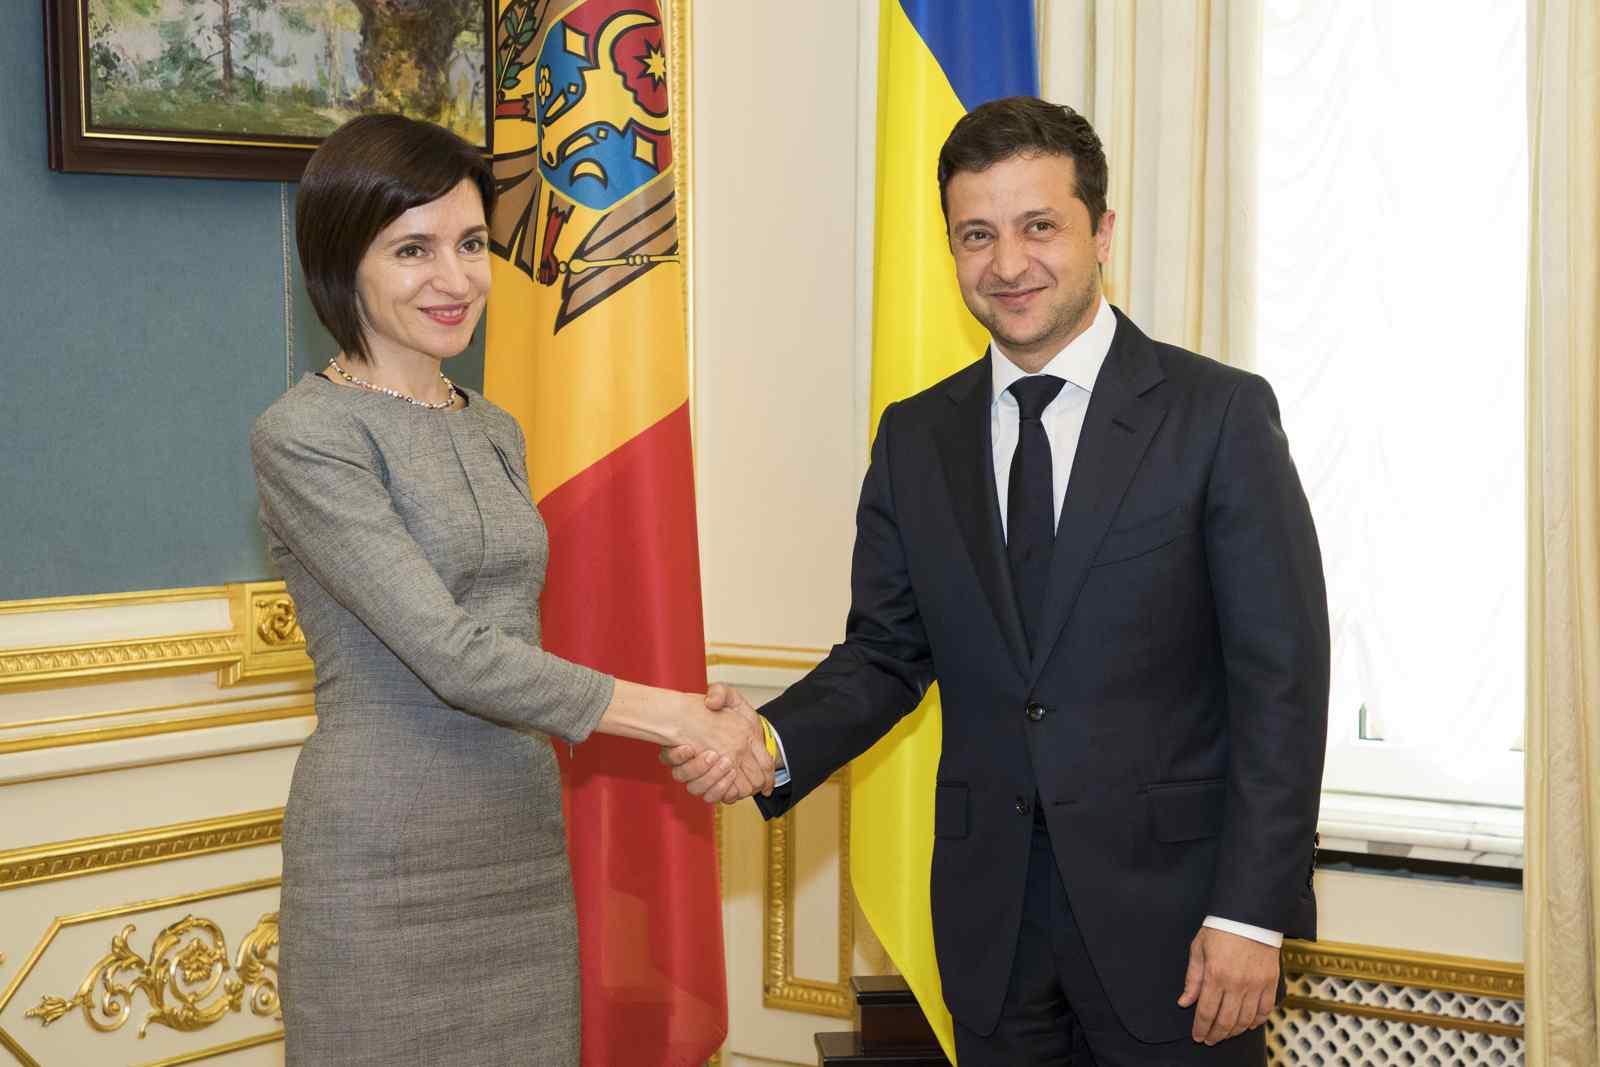 La visita de Sandu a Ucrania: Lo que los participantes del encuentro debatirán a puerta cerrada